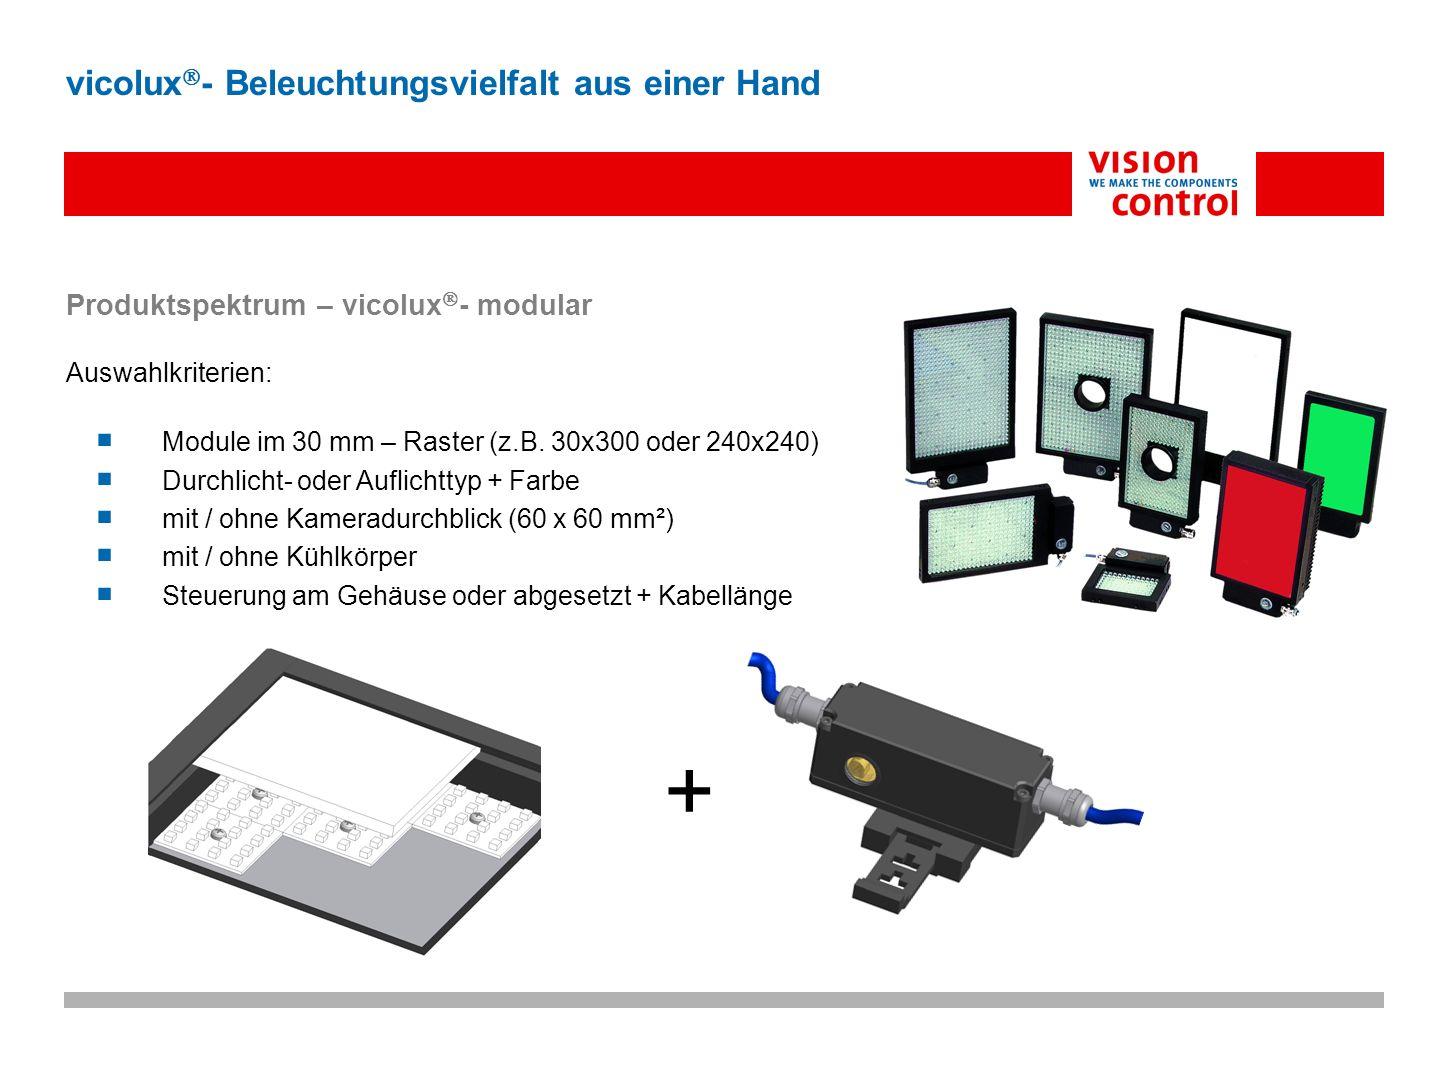 Produktspektrum – vicolux - modular Auswahlkriterien: Module im 30 mm – Raster (z.B. 30x300 oder 240x240) Durchlicht- oder Auflichttyp + Farbe mit / o